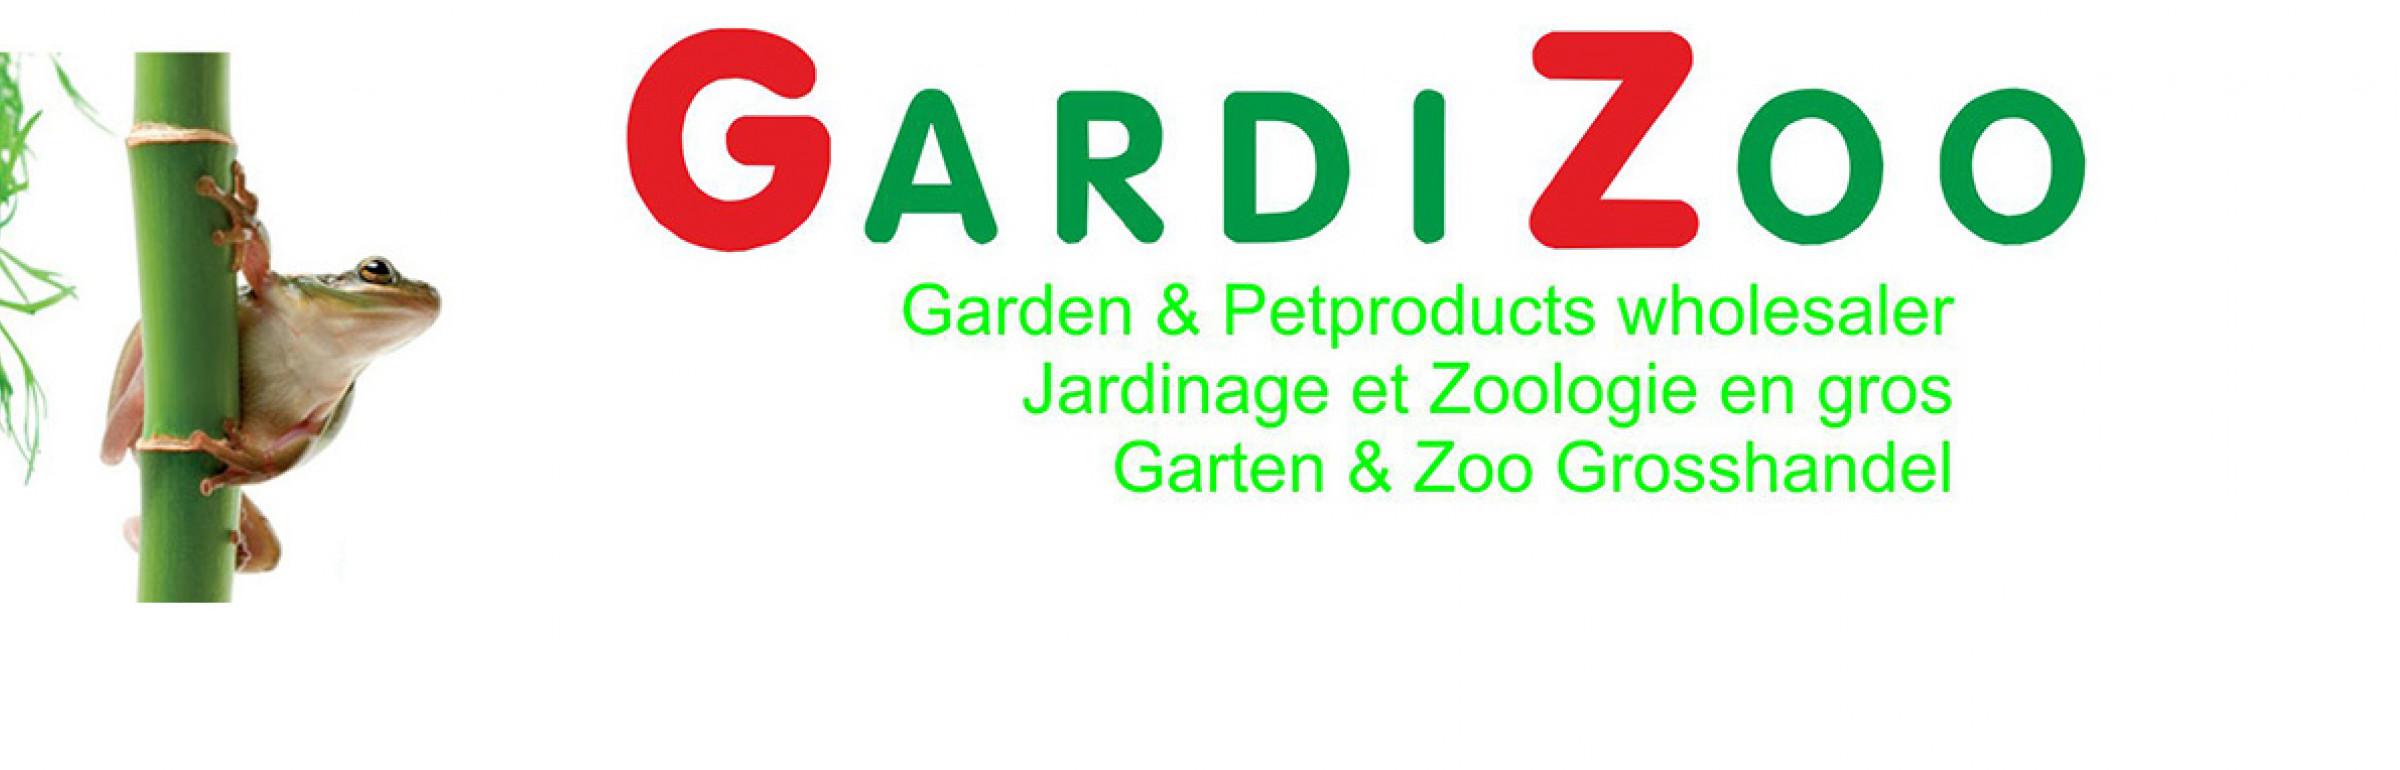 Banner GARDIZOO